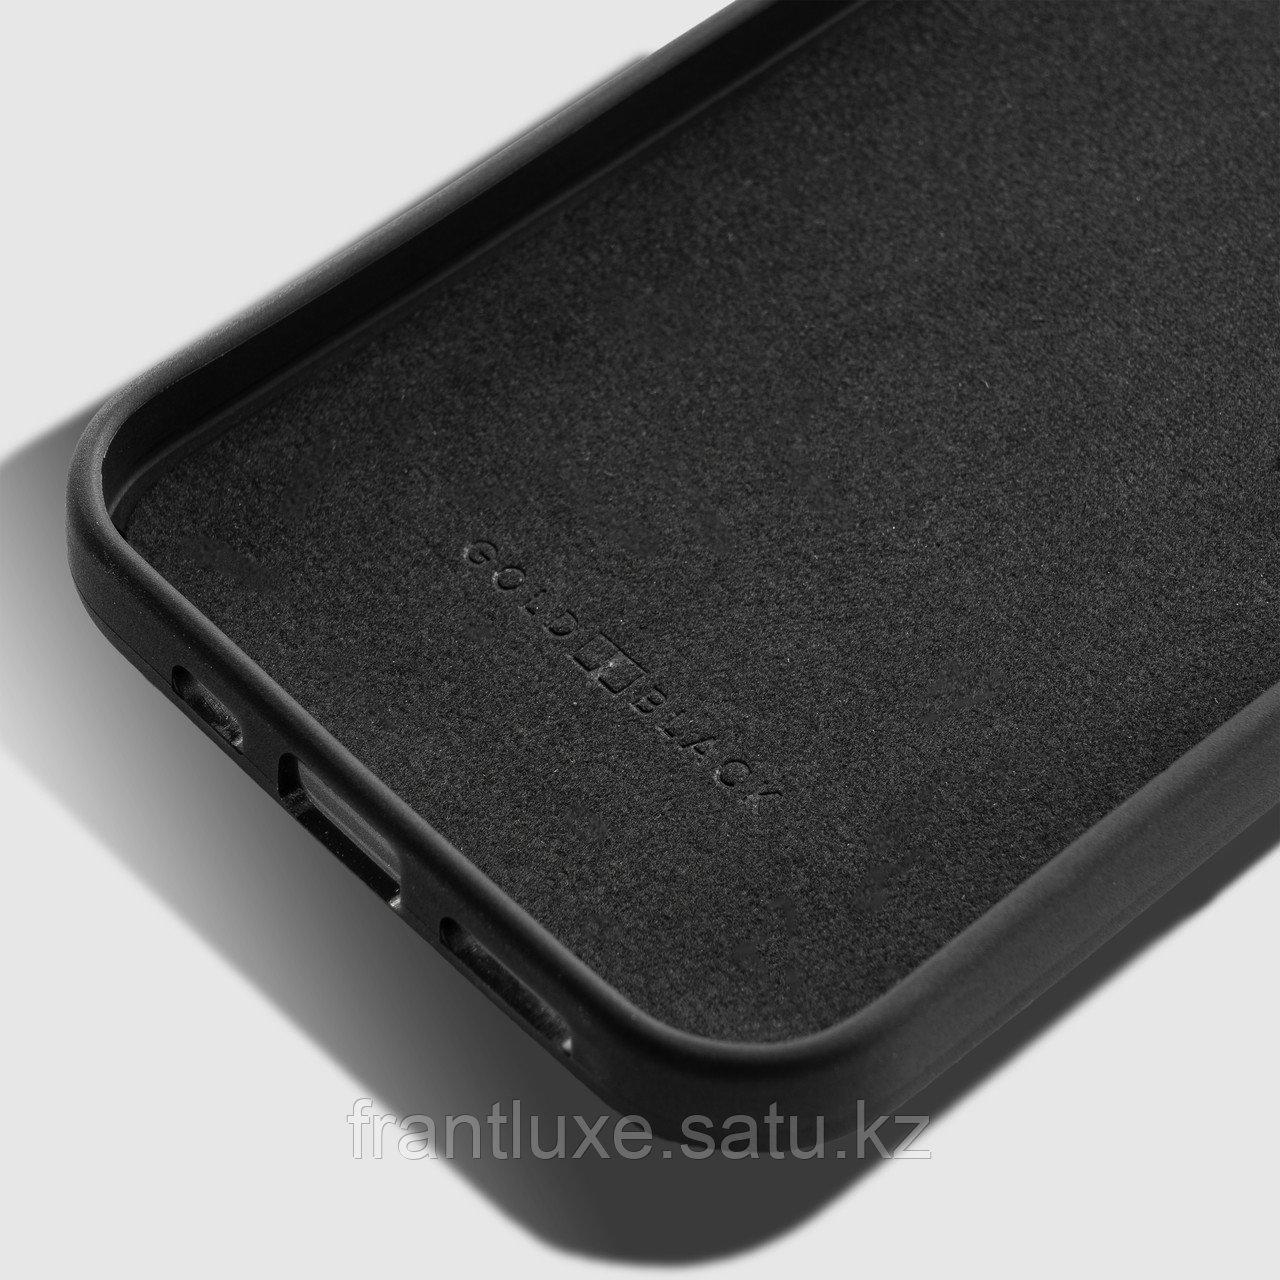 Чехол для телефона iPhone 12/12 Pro питон чёрный - фото 3